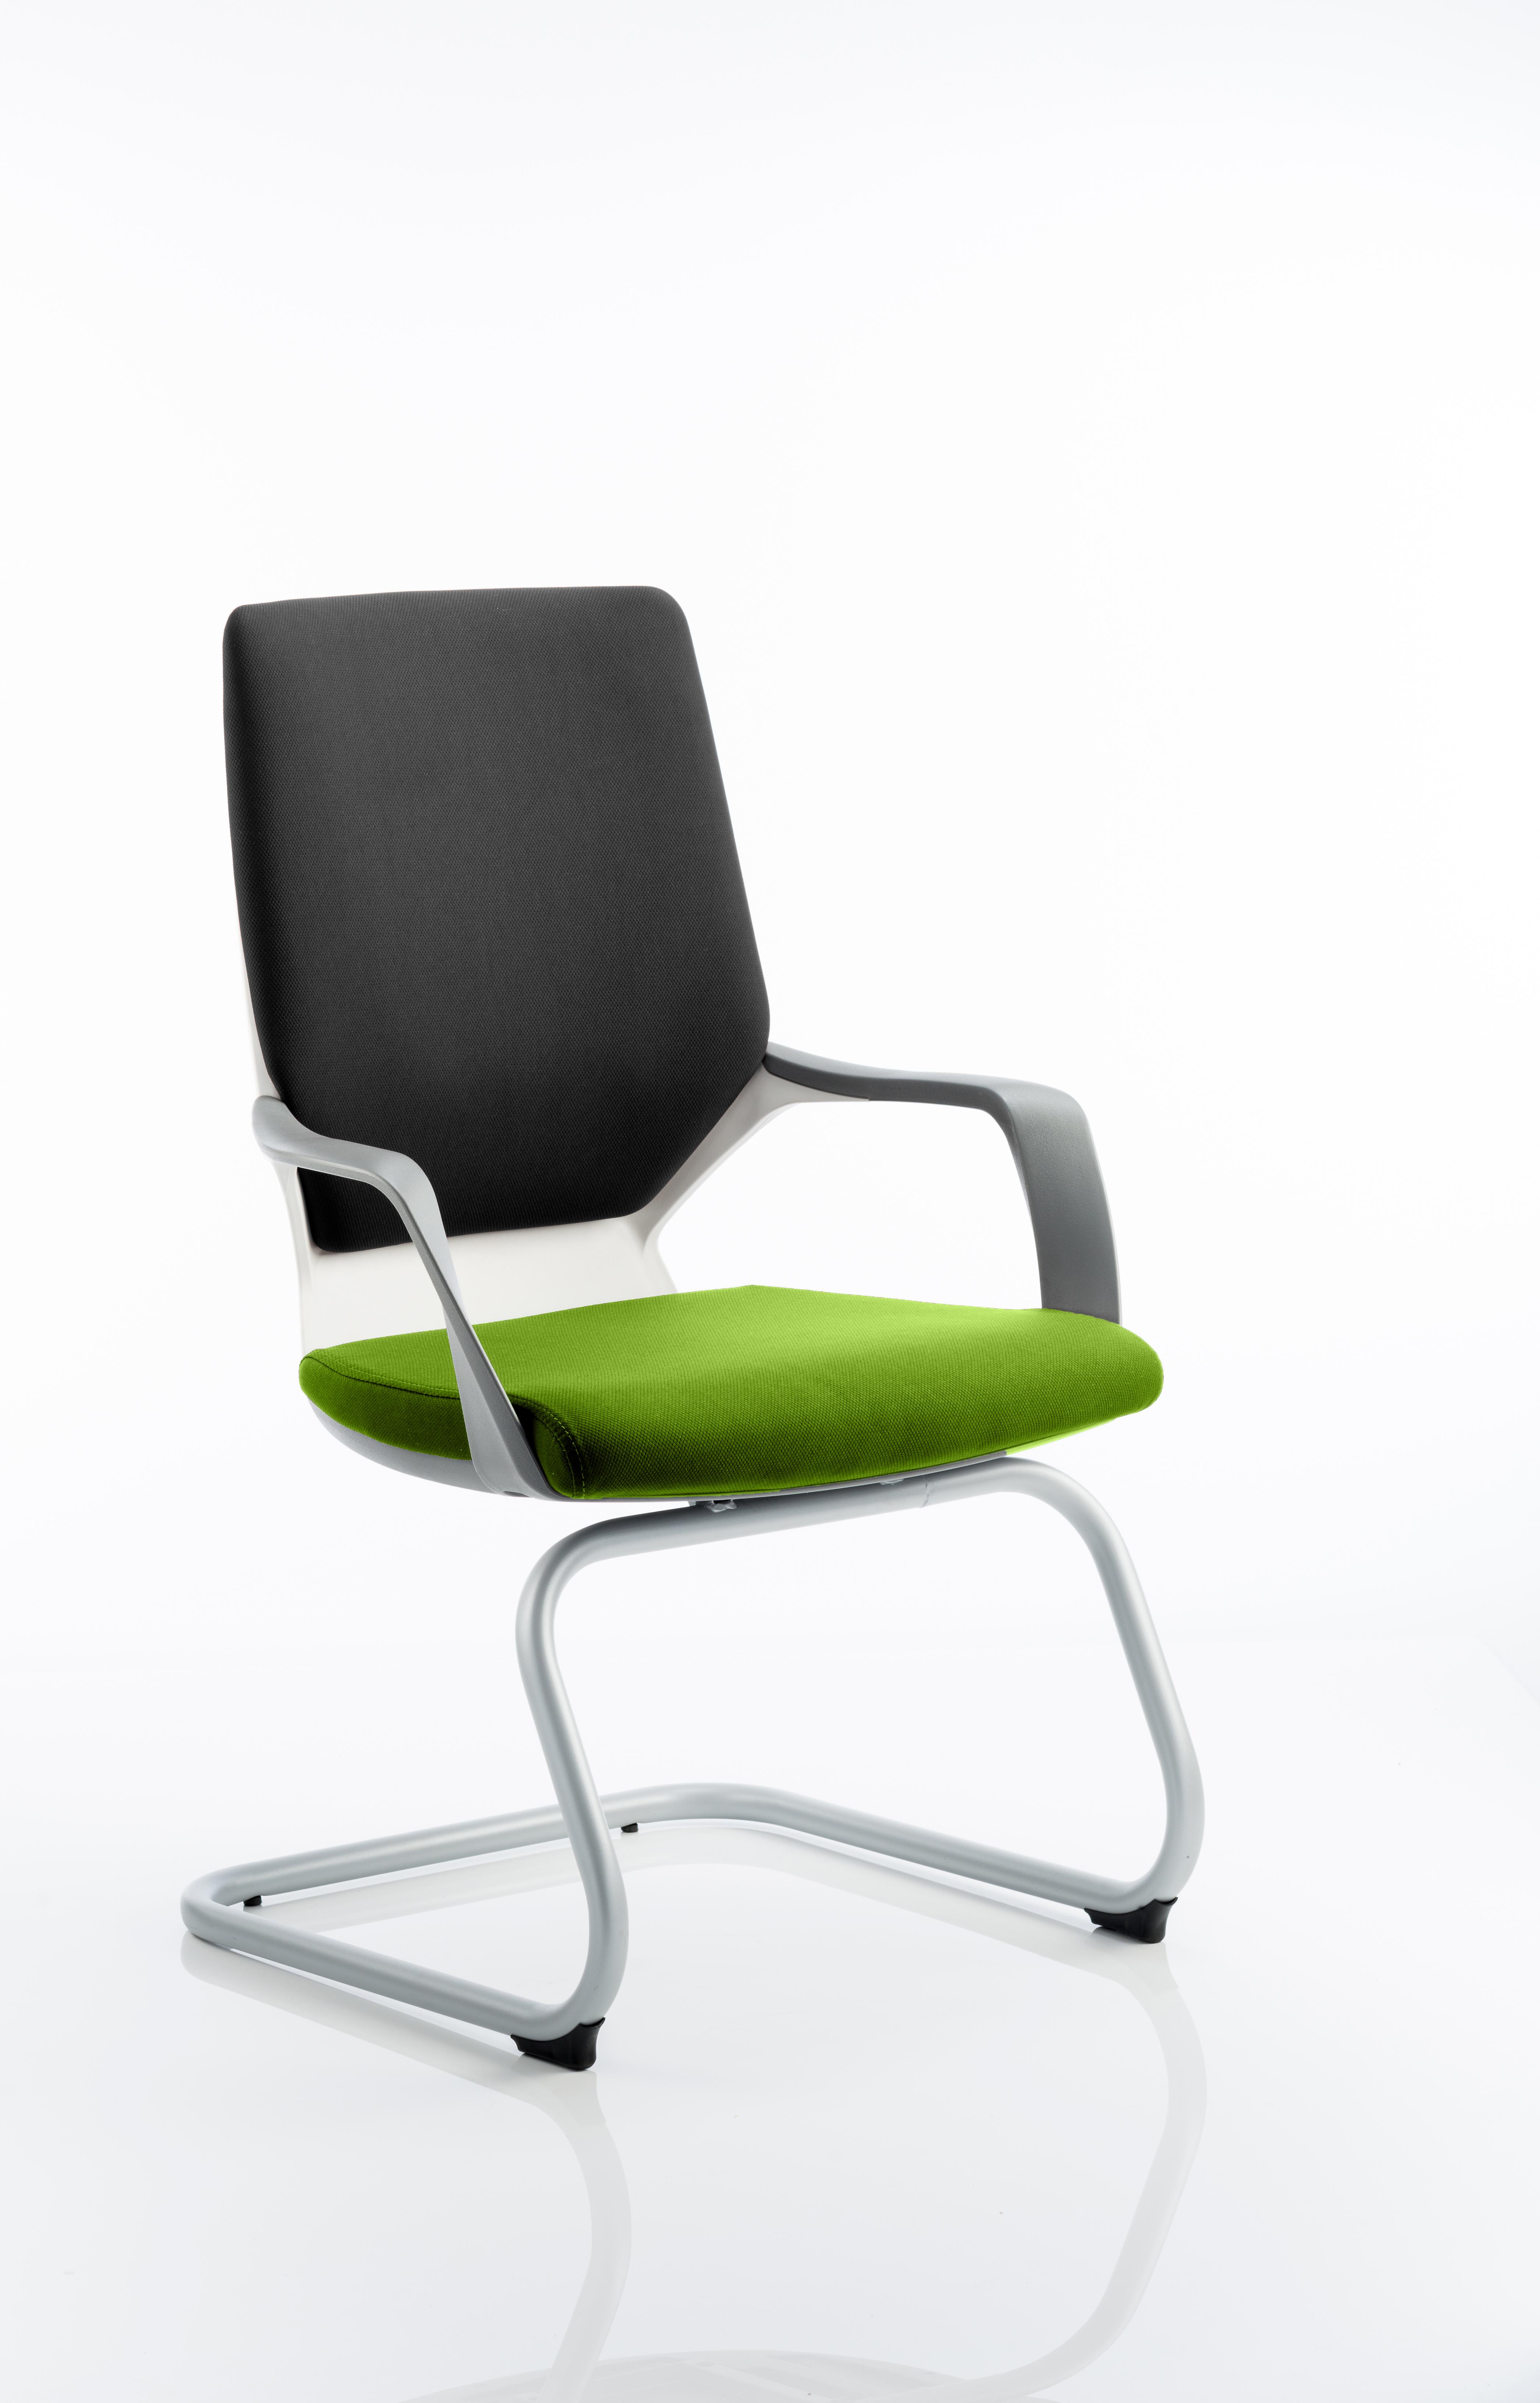 Xenon Visitor White Shell Bespoke Colour Seat Myrrh Green